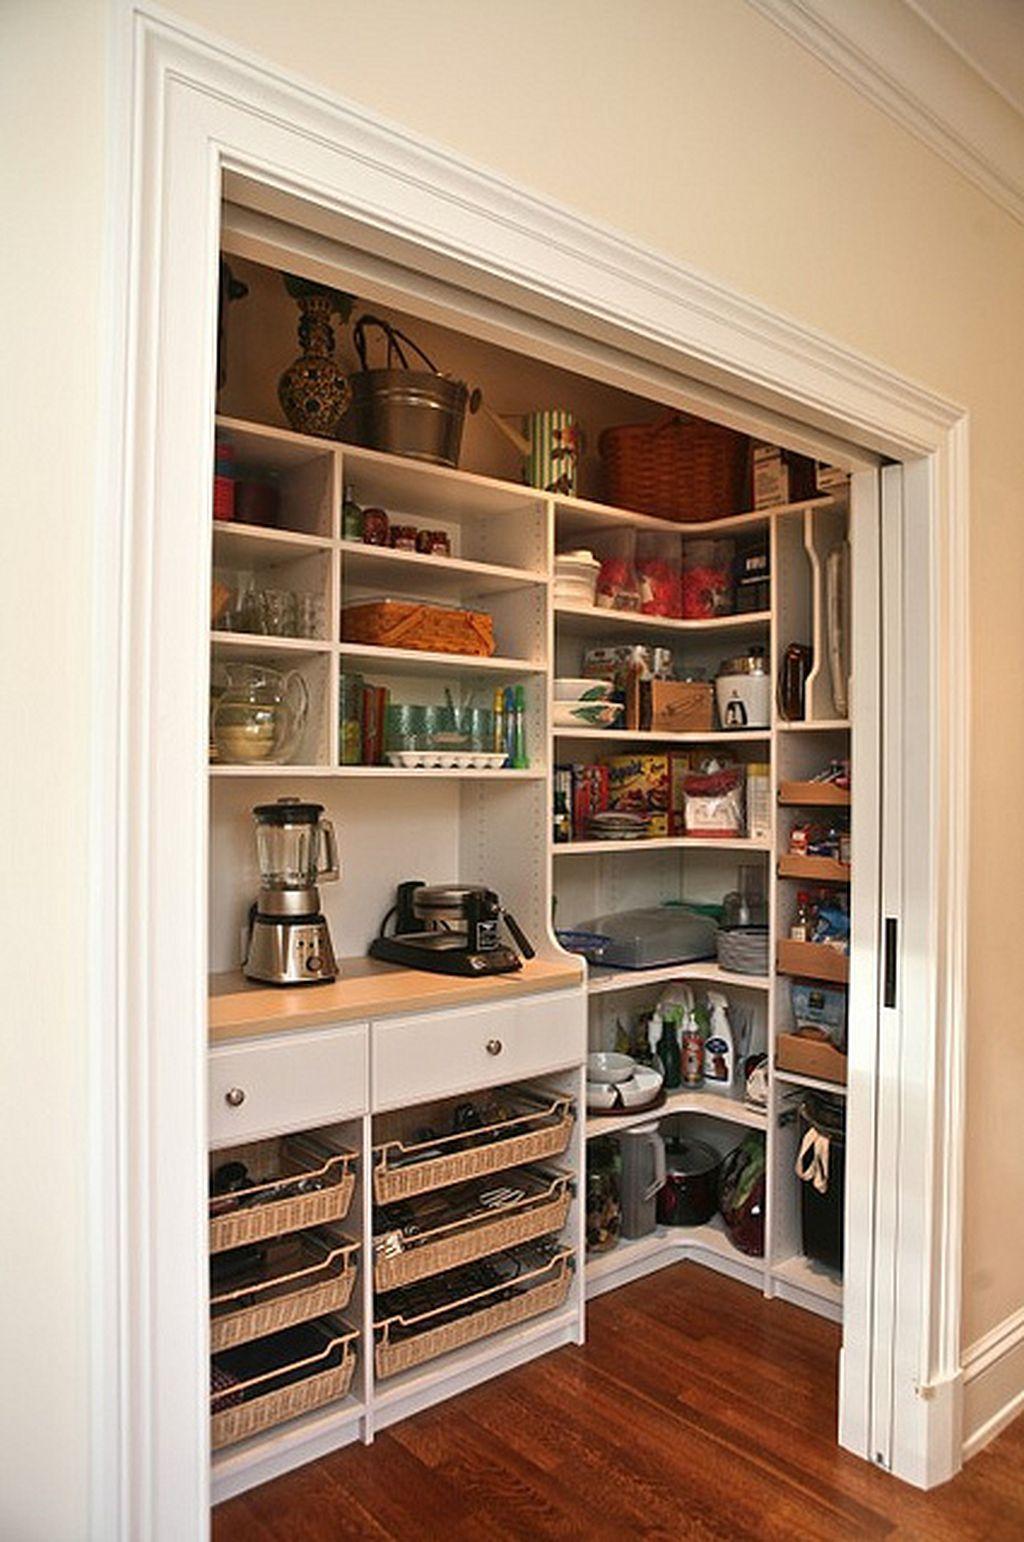 60 Pantry Organization Ideas 24 | Cocina pequeña, Organizadores y ...